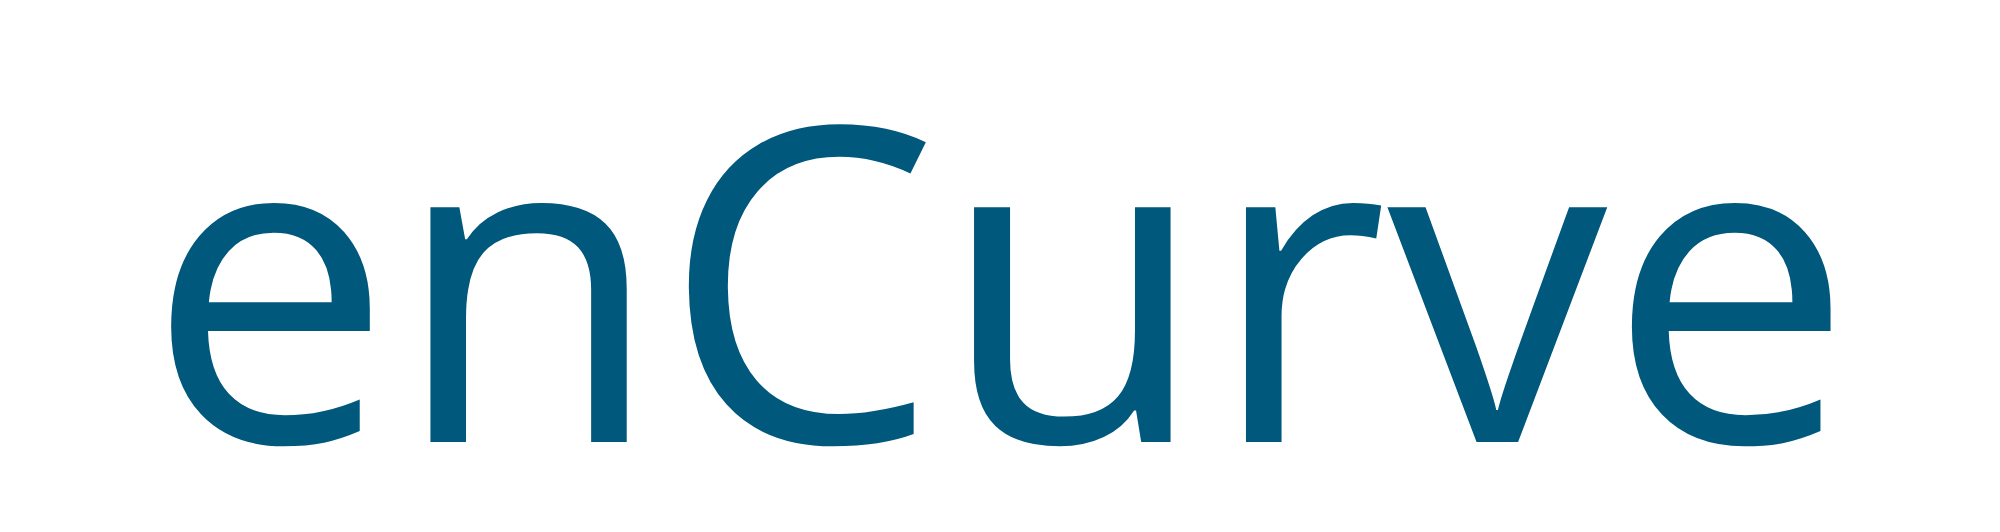 enCurve е устройство, подходящо за Вашата клиника или естетичен център